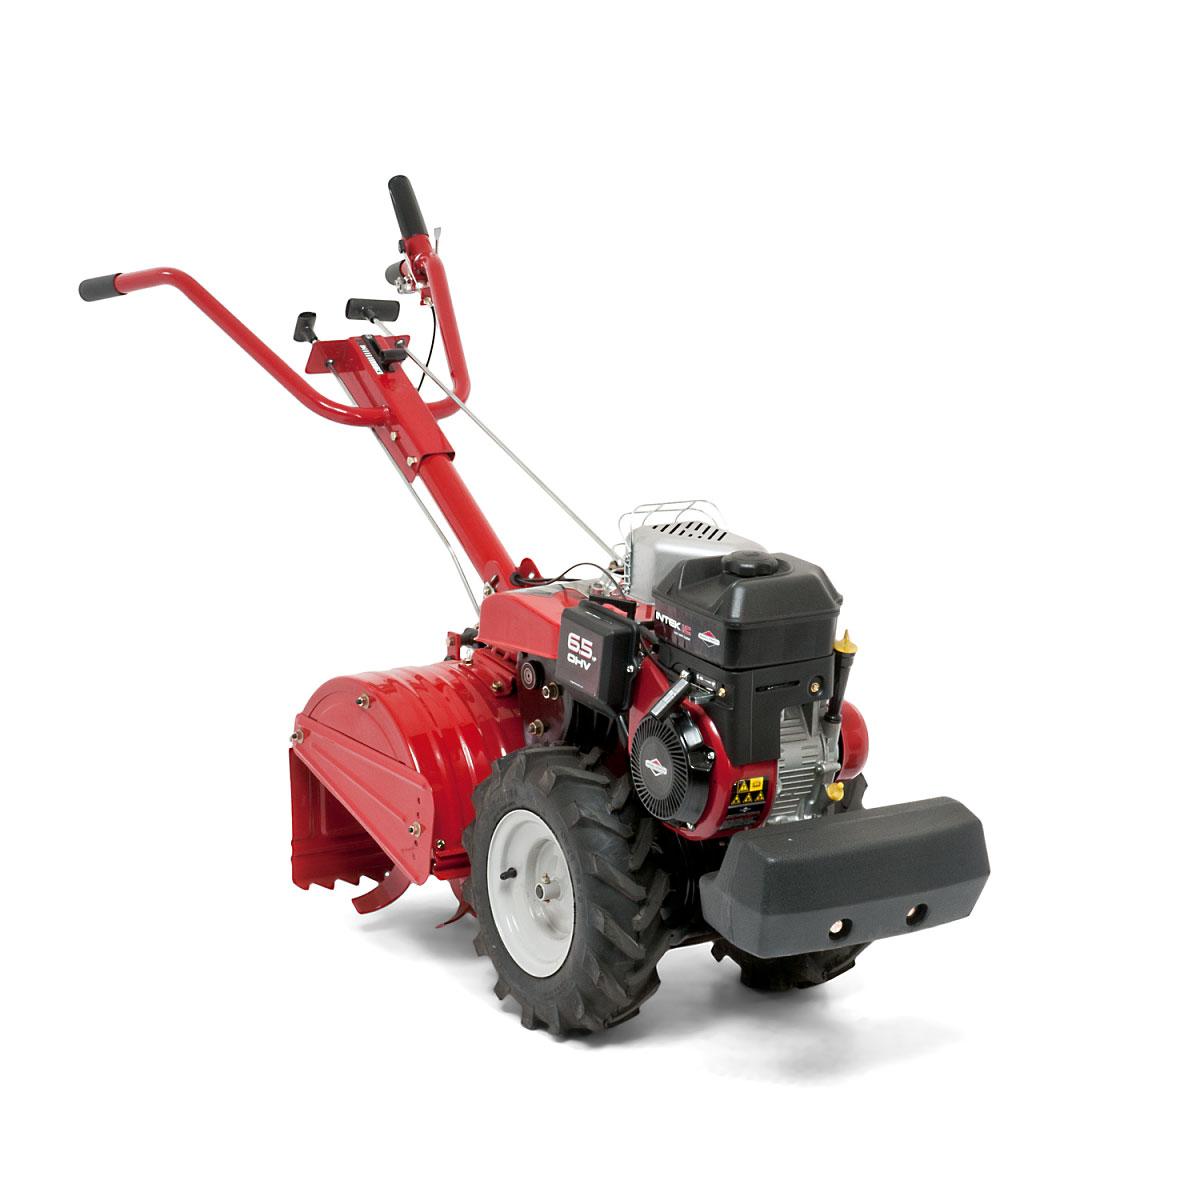 MTD Benzin-Bodenfräse T 450